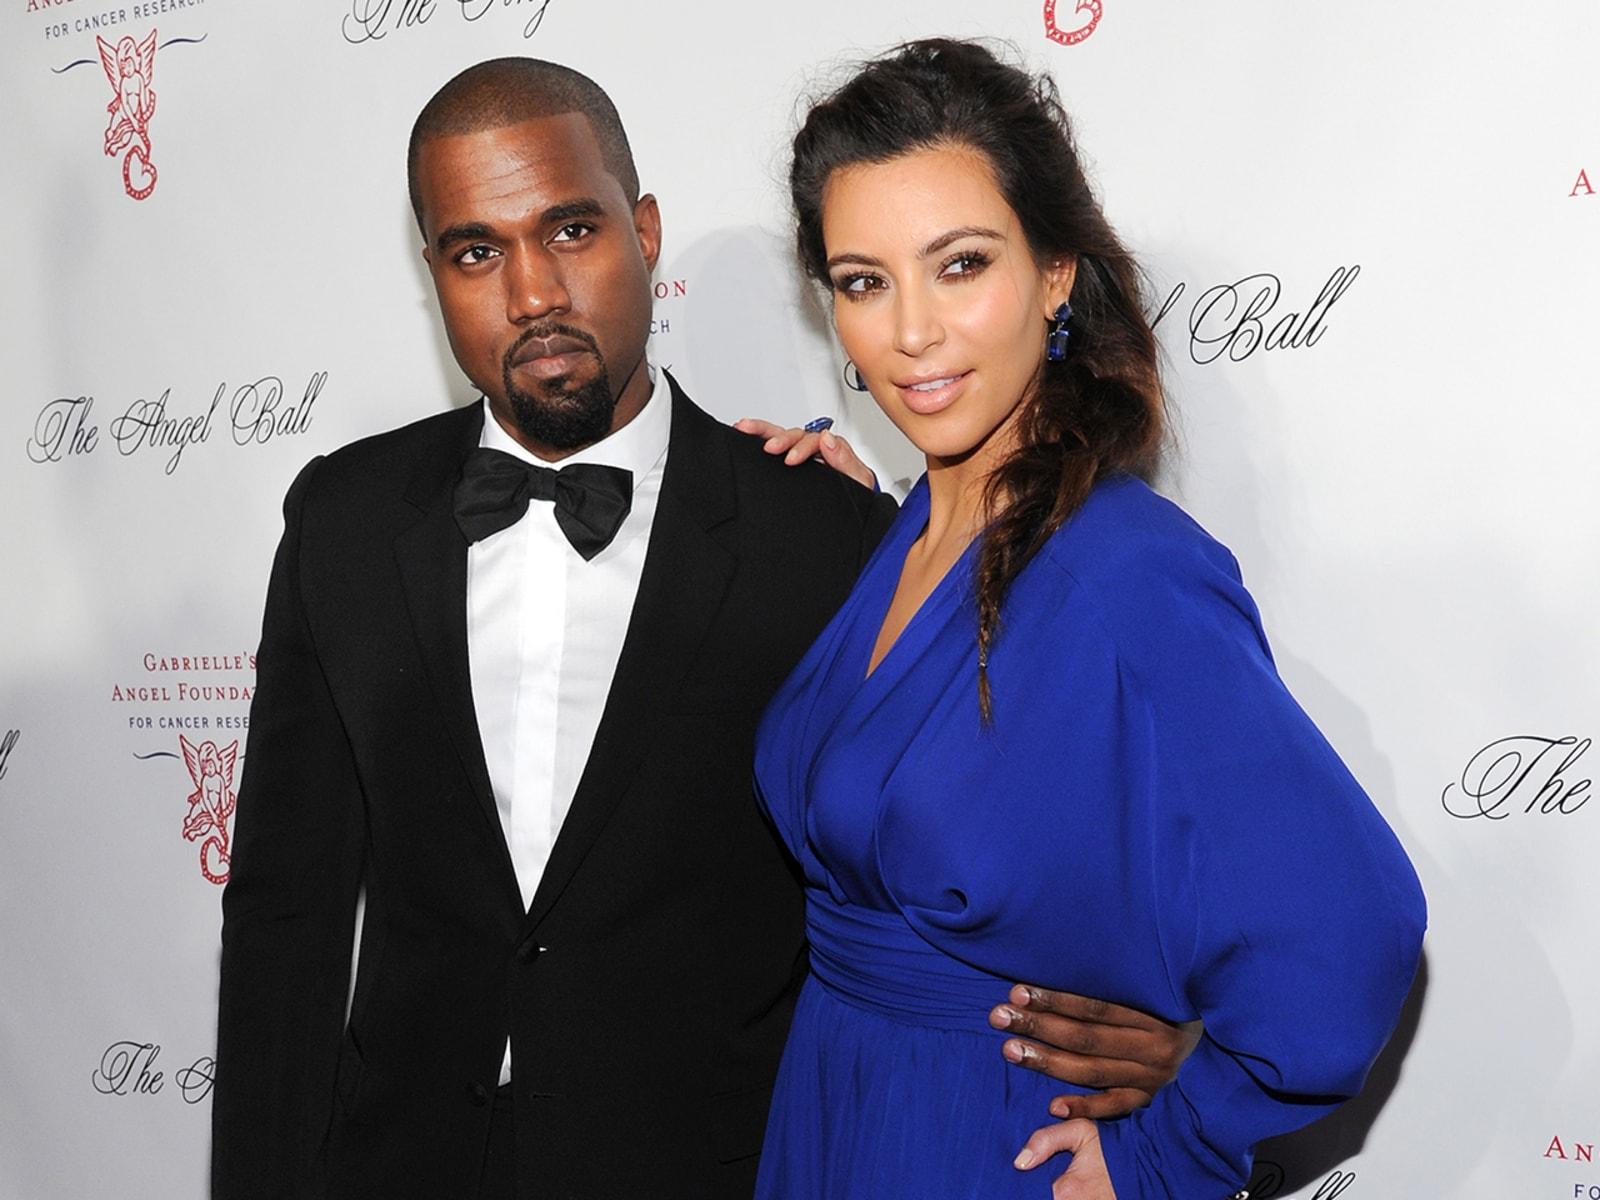 Image: Kanye West, Kim Kardashian